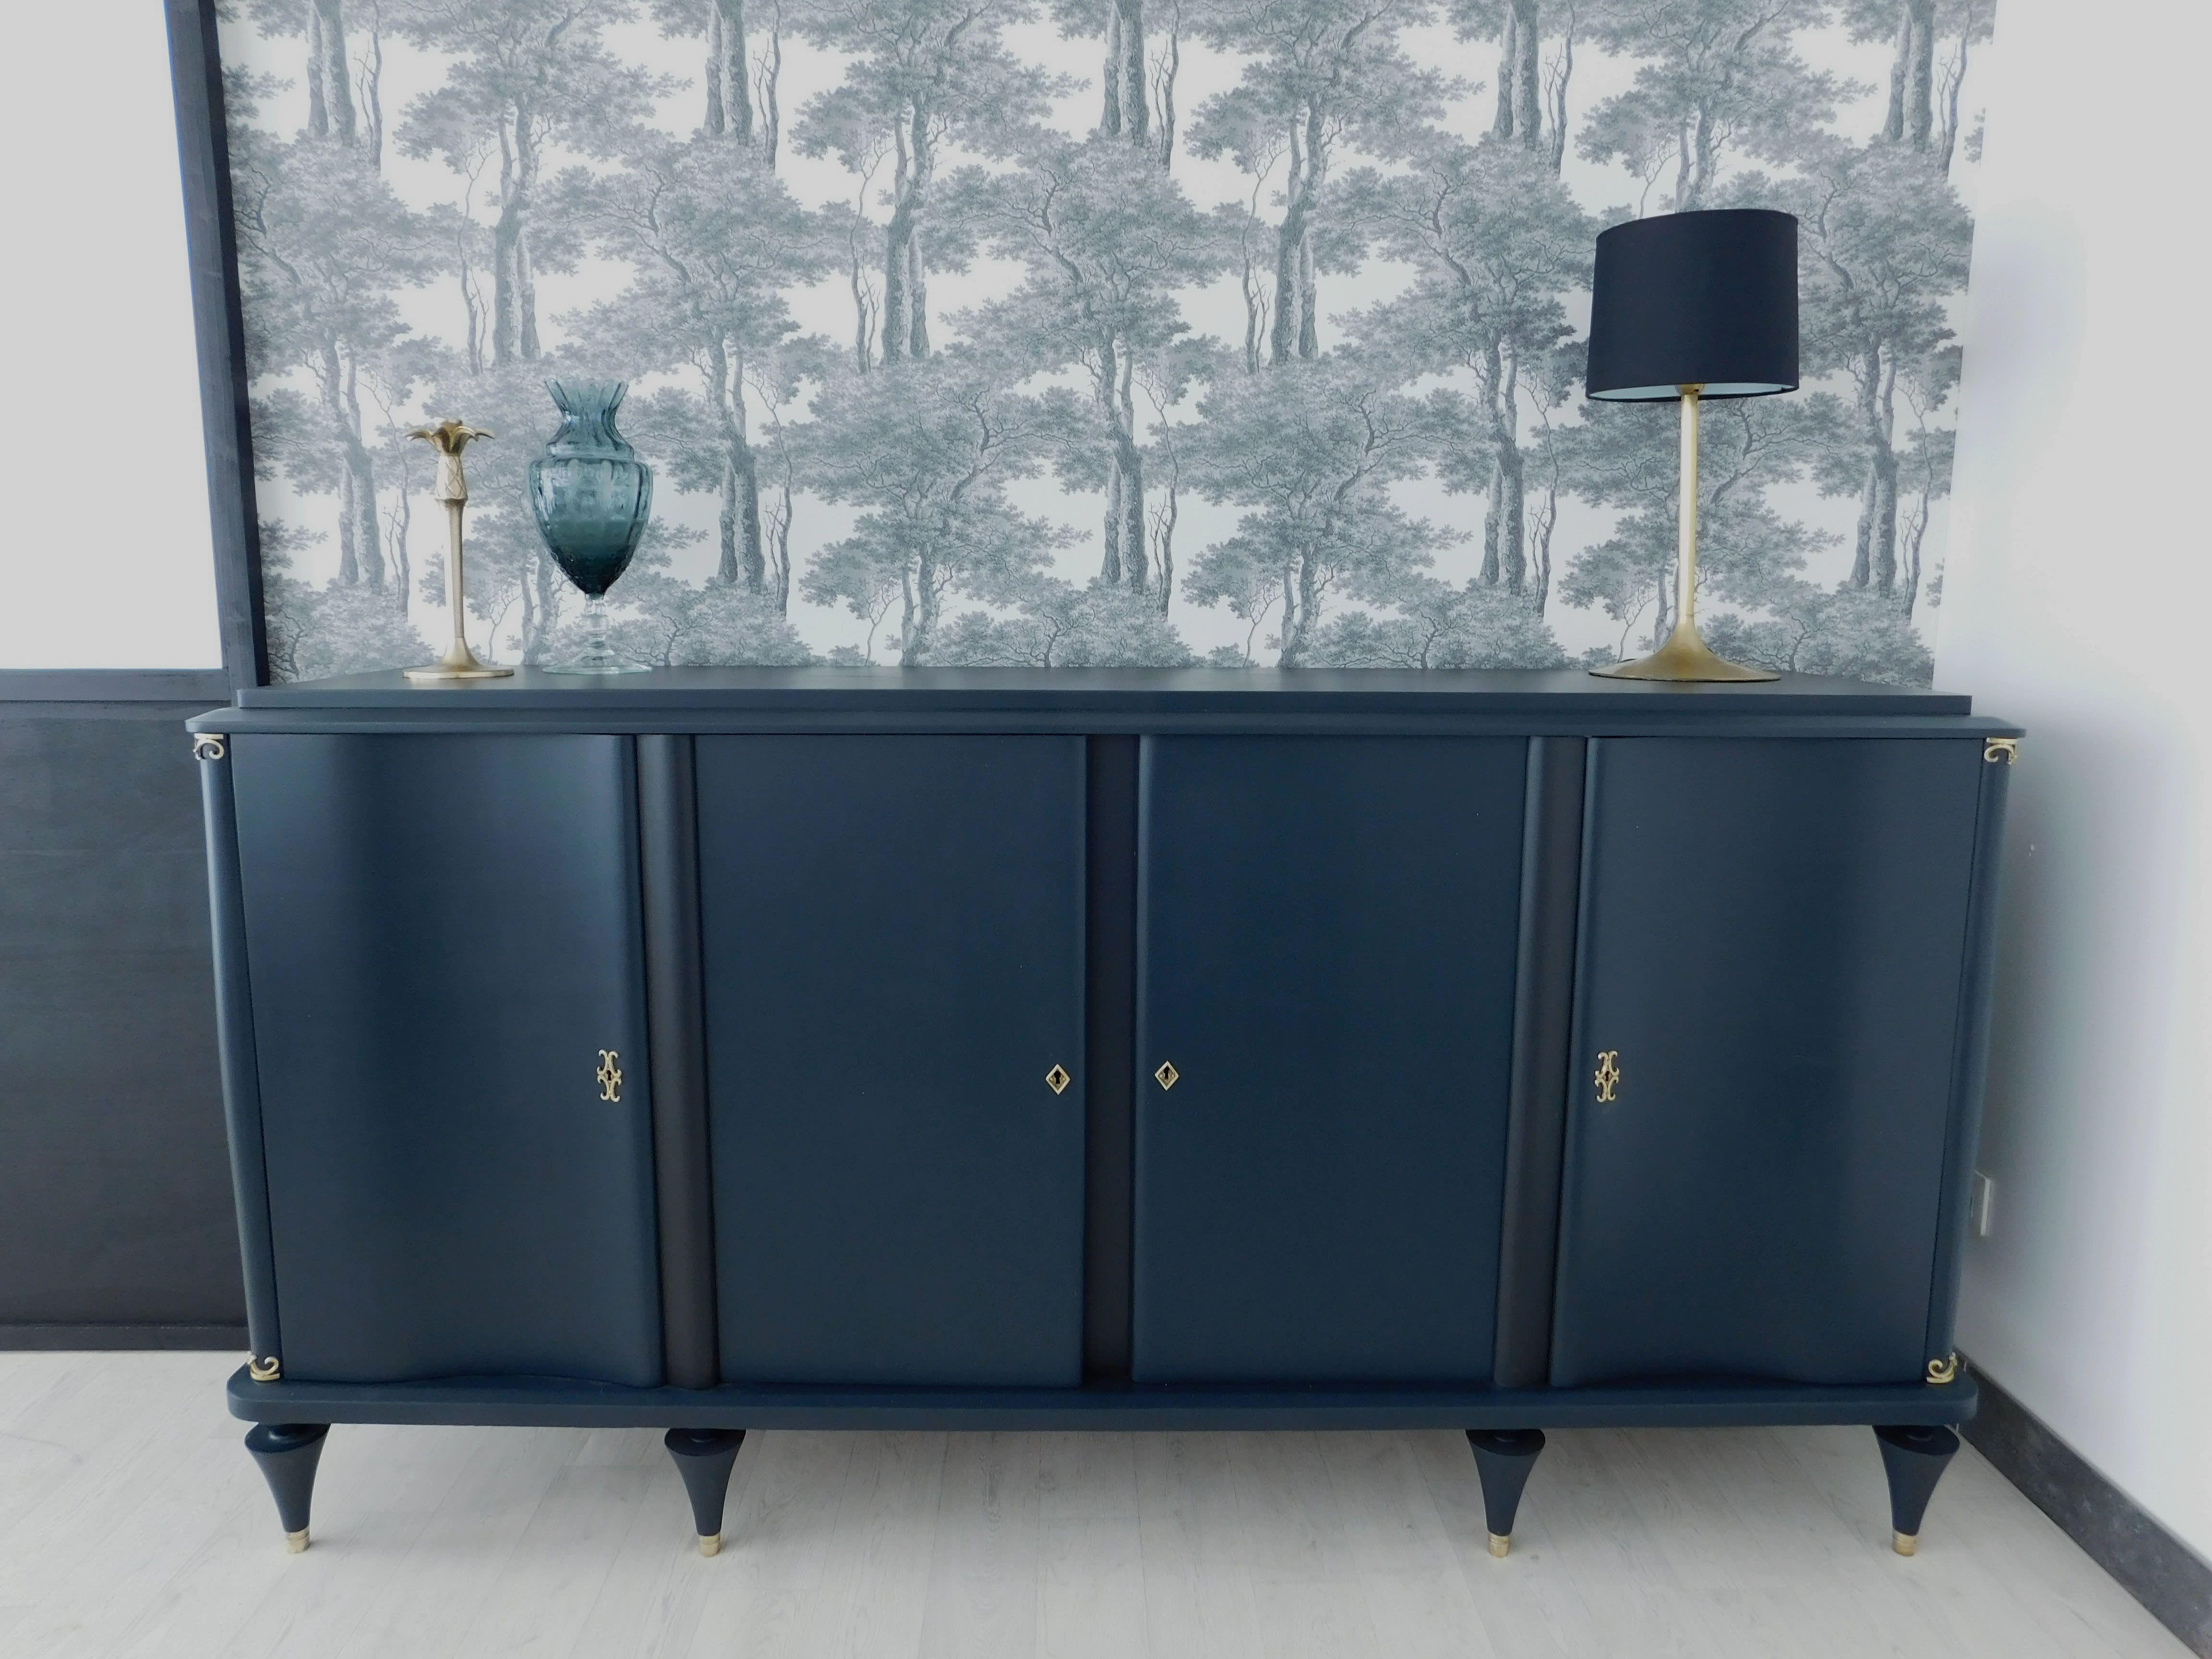 Buffet Peu Profond Nouveau Galerie Enfilade Art Déco Bleu Foncé Avec Détails Laiton Pour Un Esprit